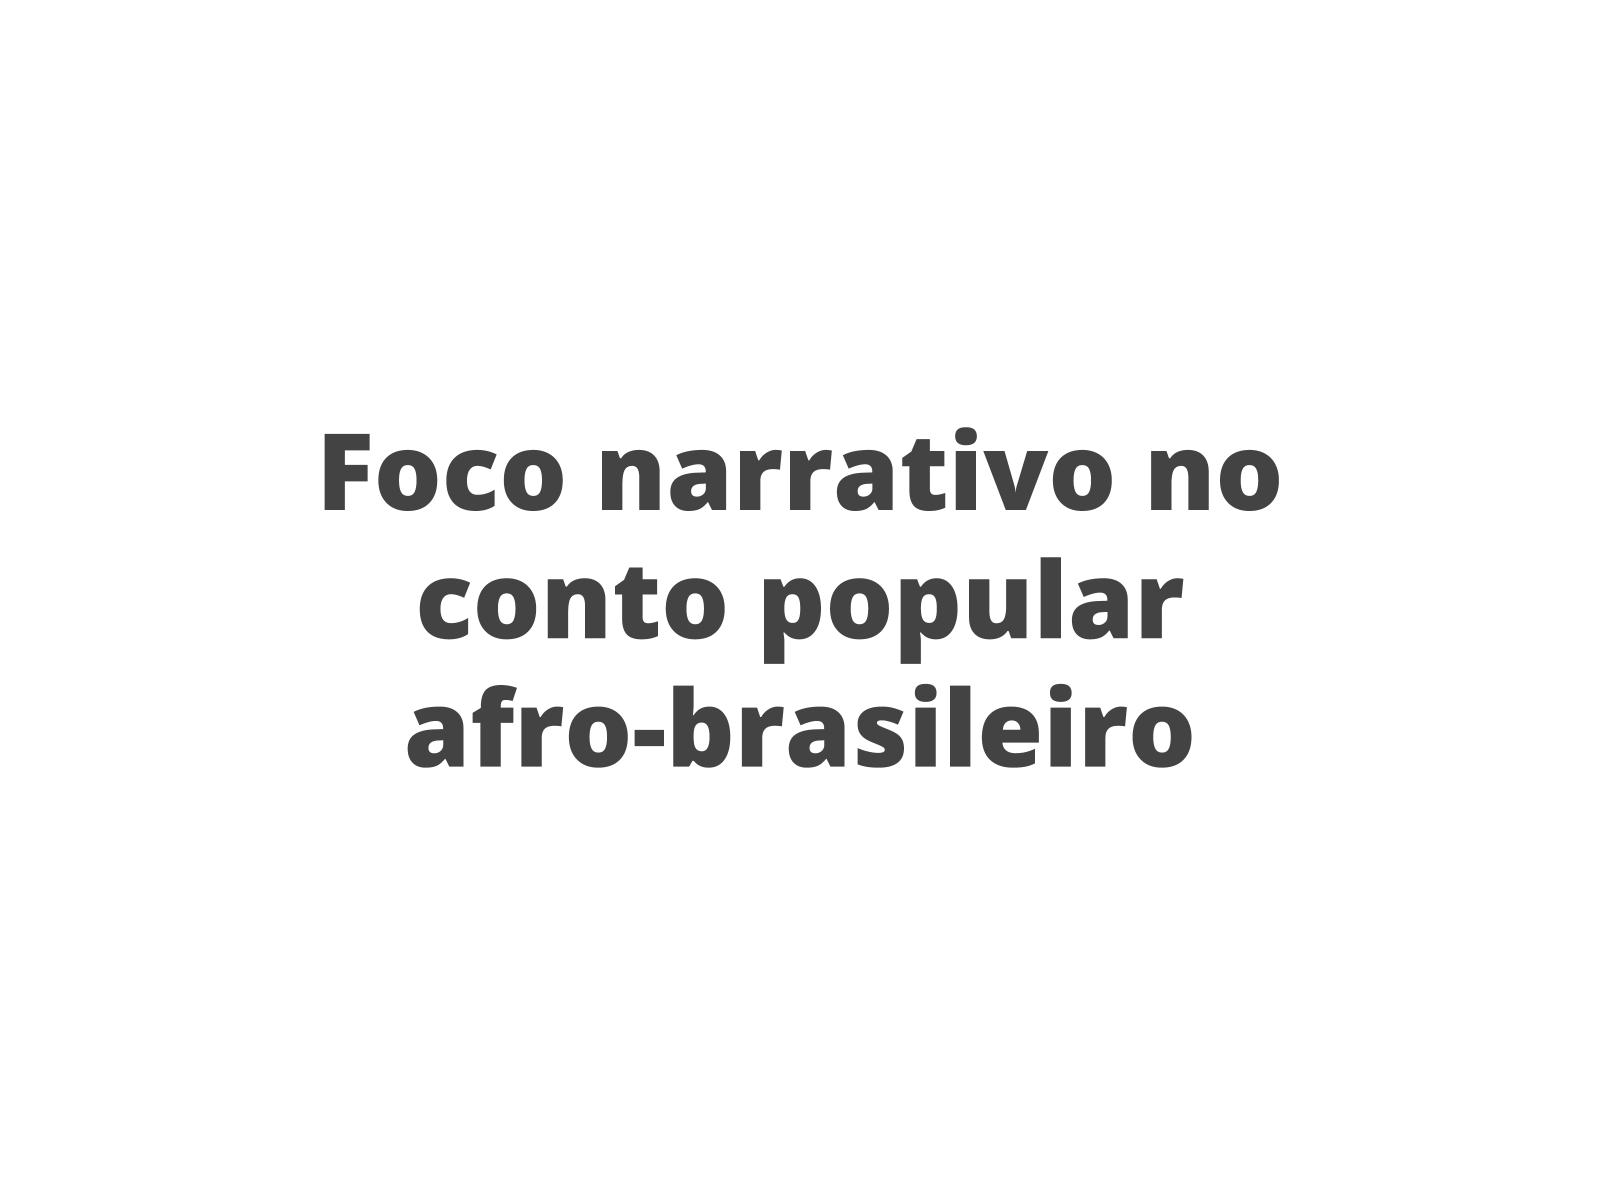 Mudando o ponto de vista de um conto popular afro-brasileiro